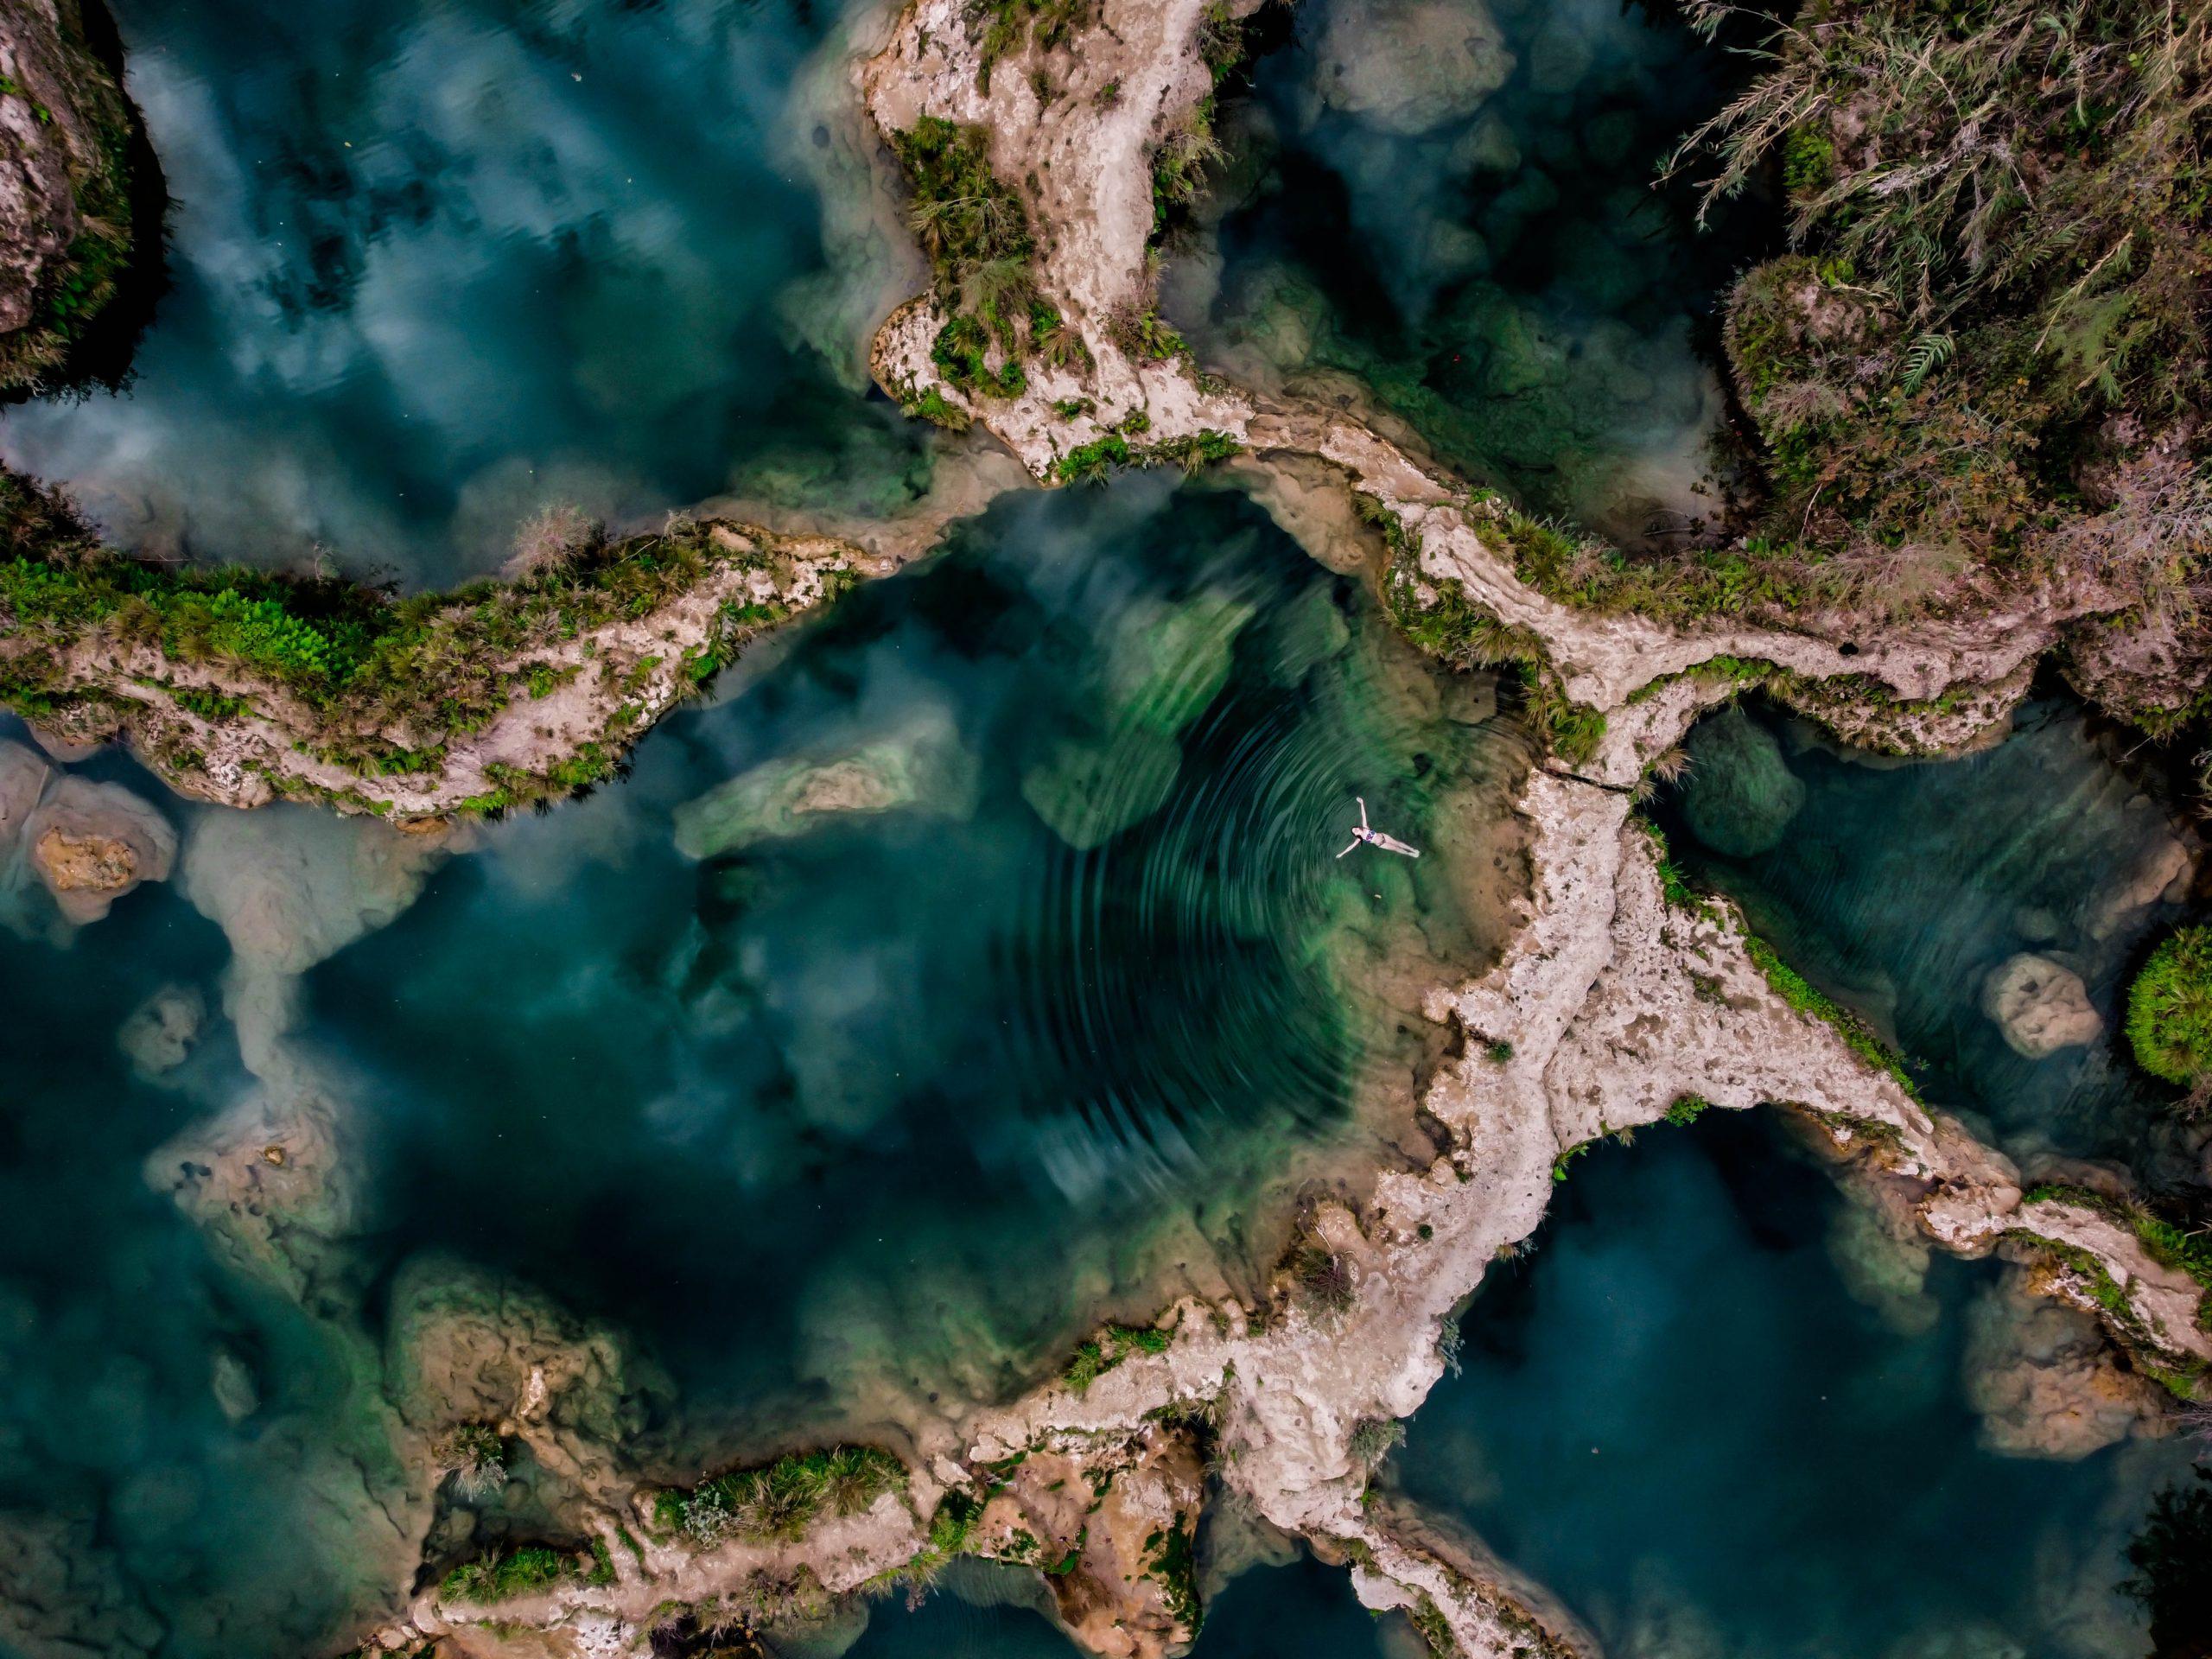 Cascada El Salto San Luis Potosi El Salto del Agua El Naranjo La Huasteca Potosina Mexico clear turquoise water things to do adventure travel waterfall